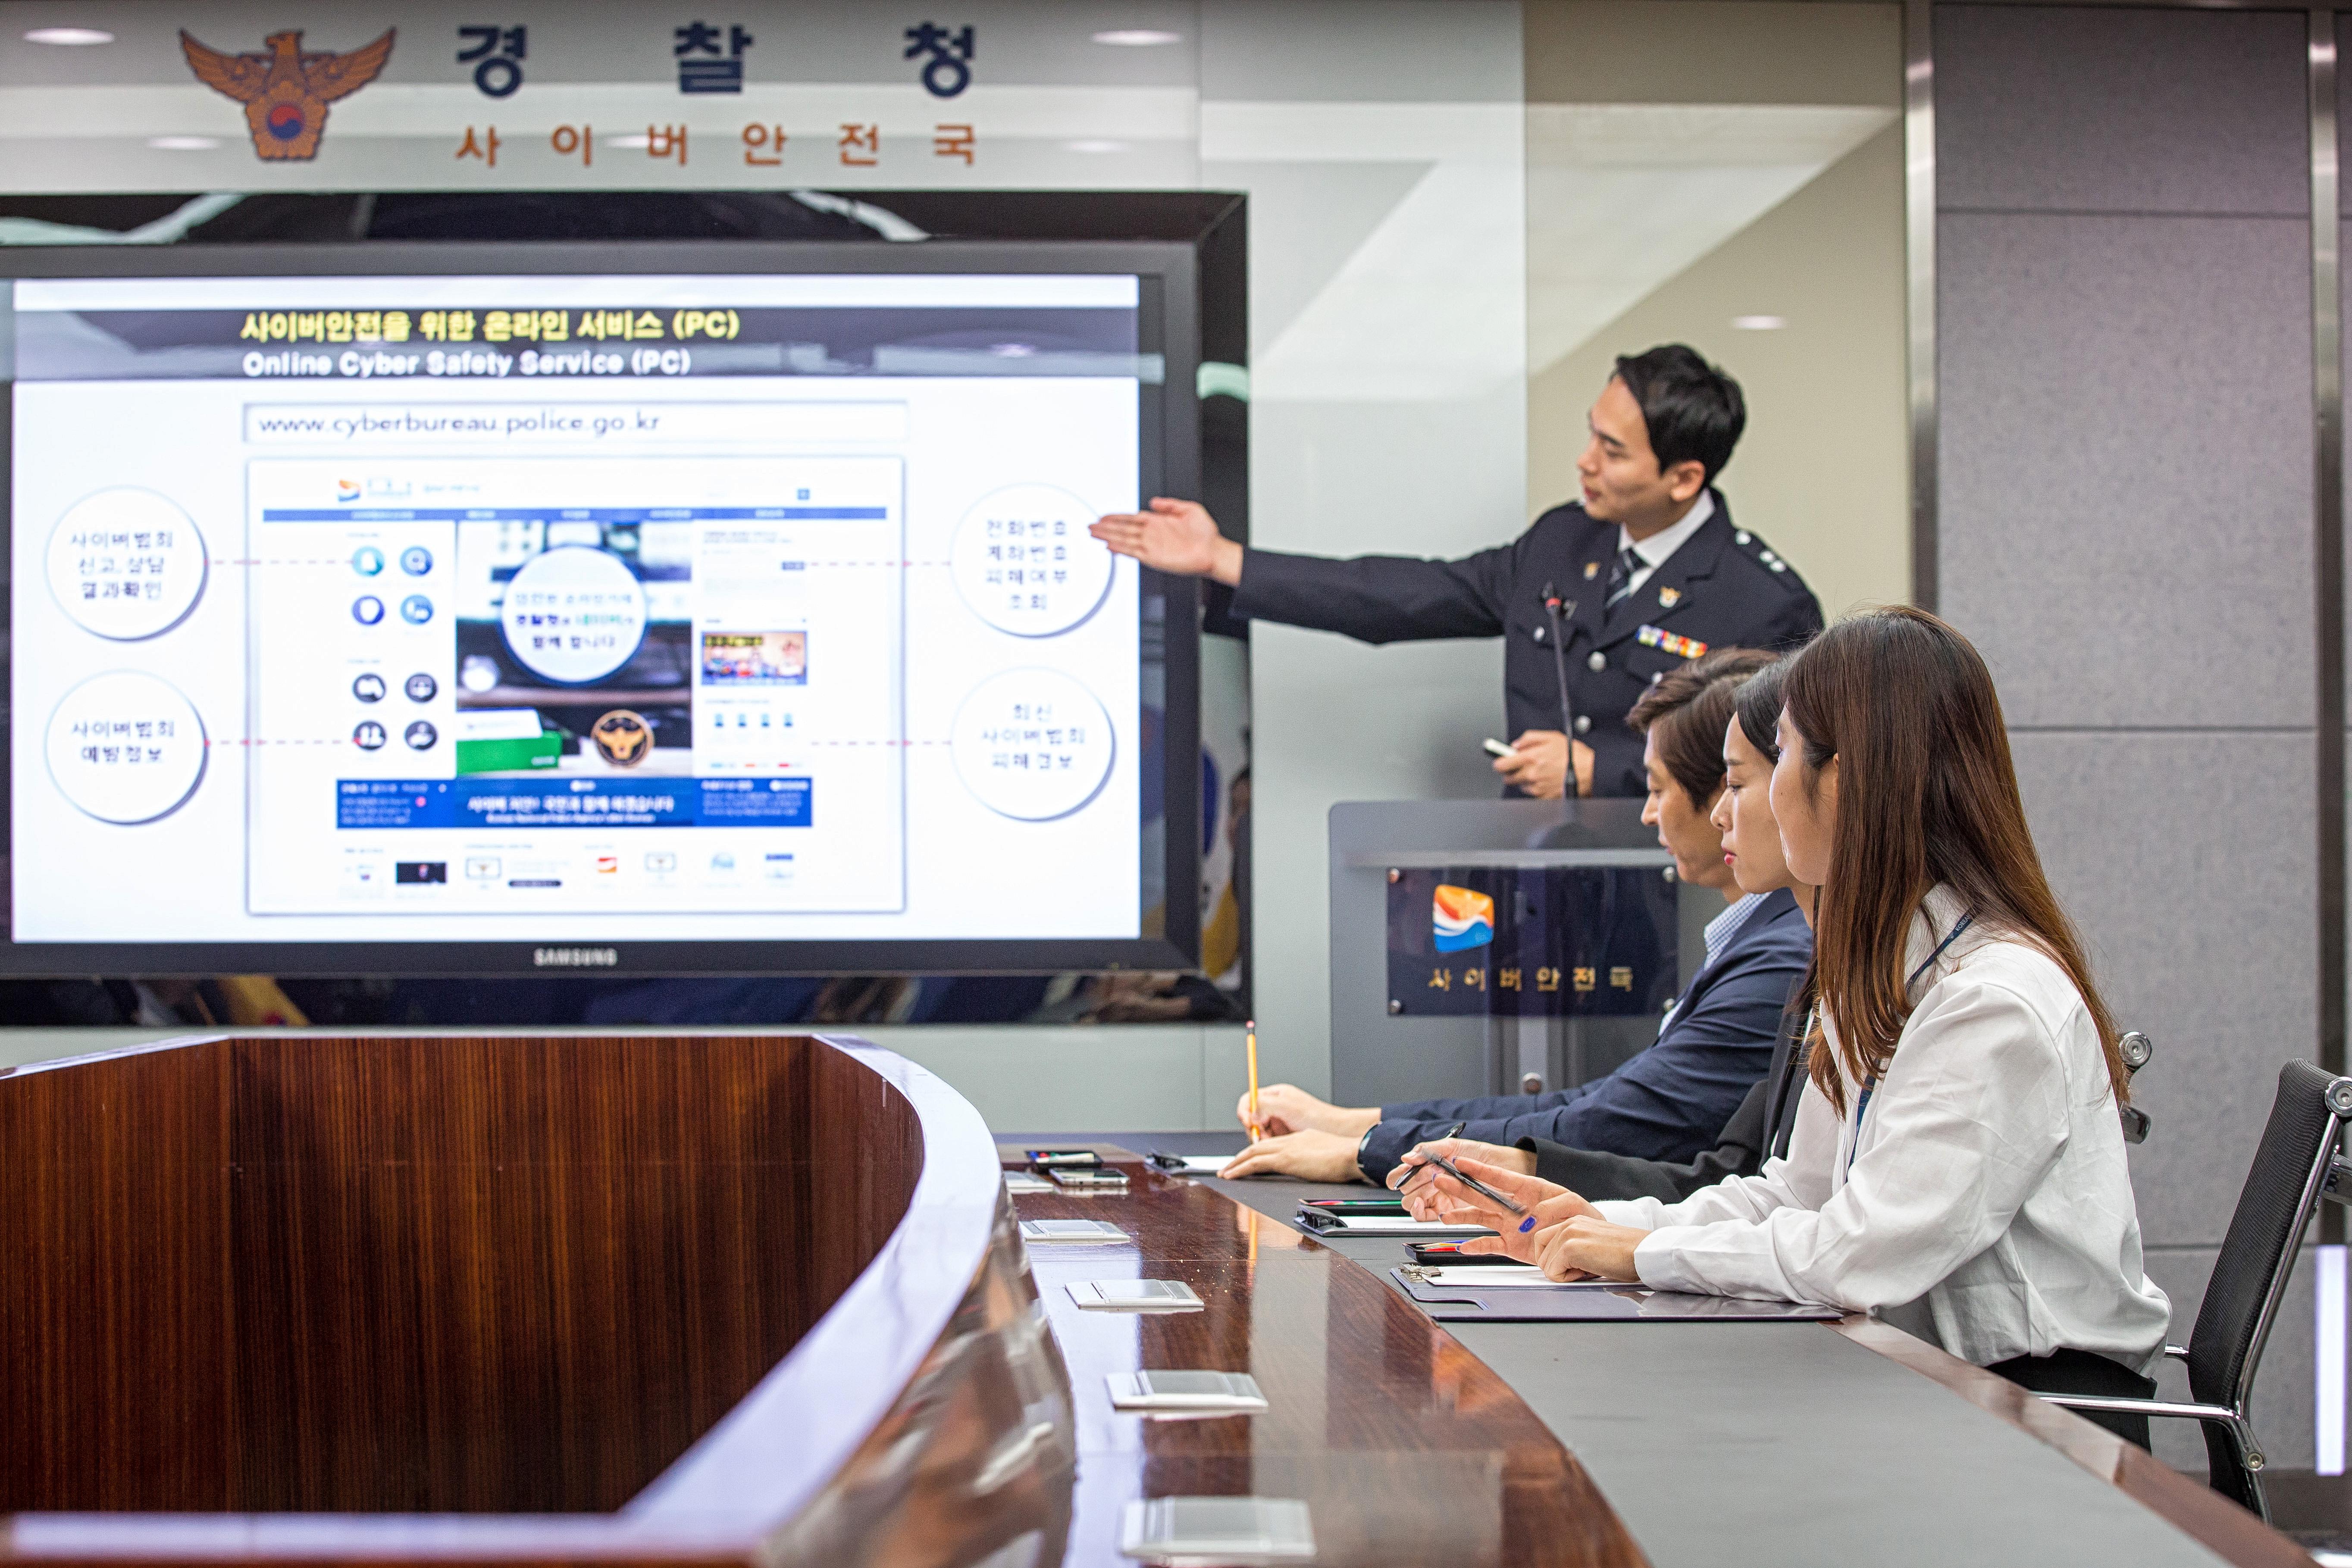 [사이버수사대] 인터넷 상에서 일어나는 범죄를 수사하고 정보를 보안하는 사이버수사대가 있습니다.